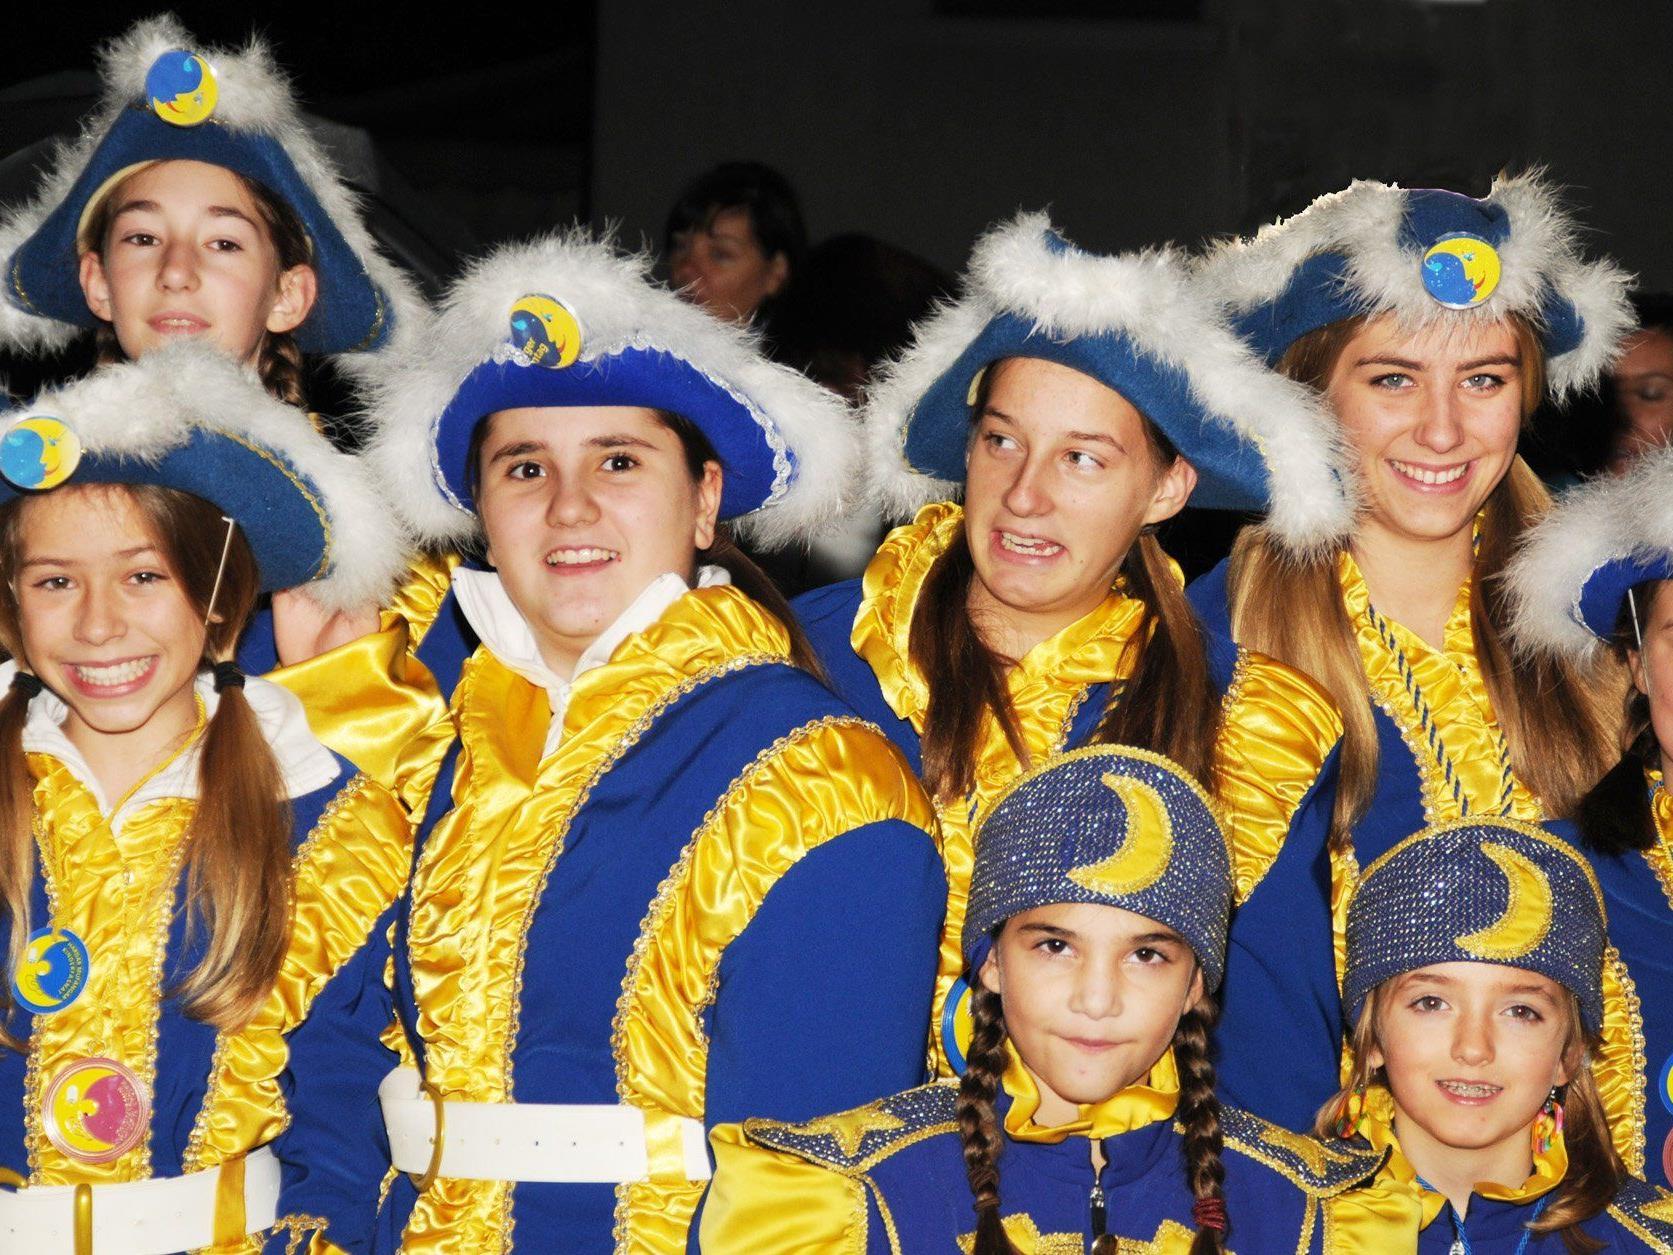 Die Teenie- und Kindergarde der Hardar Mufängar hat am 11.11. im Rathaus ihren Auftritt.